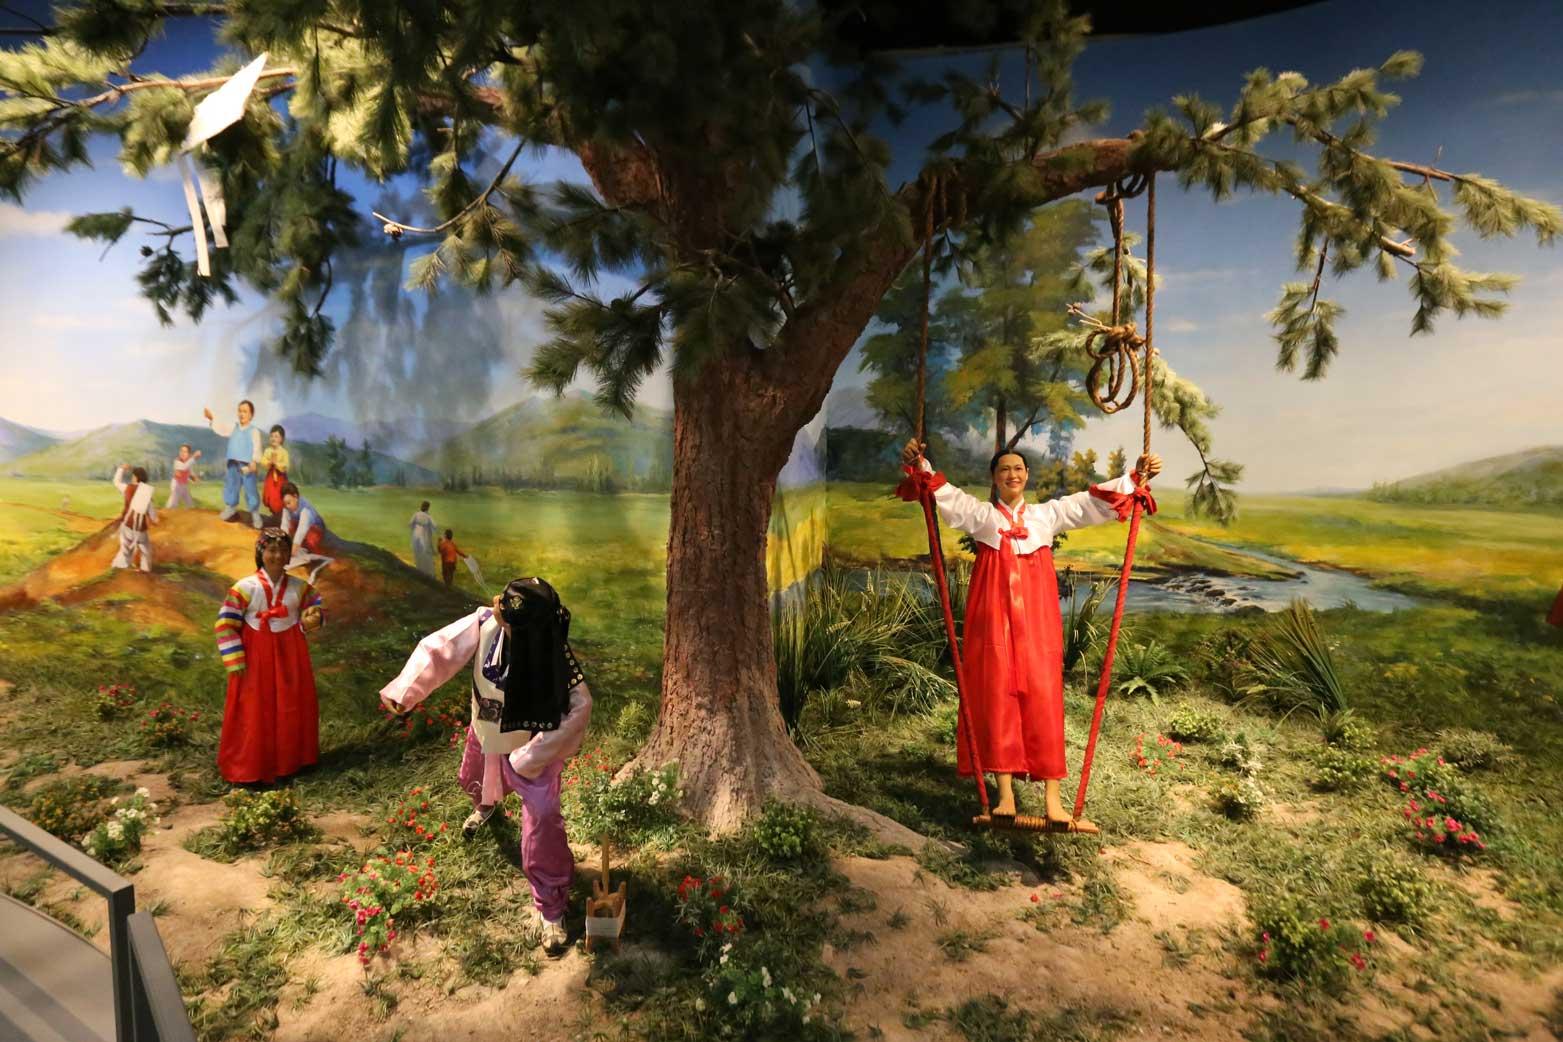 延辺朝鮮族自治州60周年にできた延辺博物館と朝鮮族の冷めた関係_b0235153_11222618.jpg